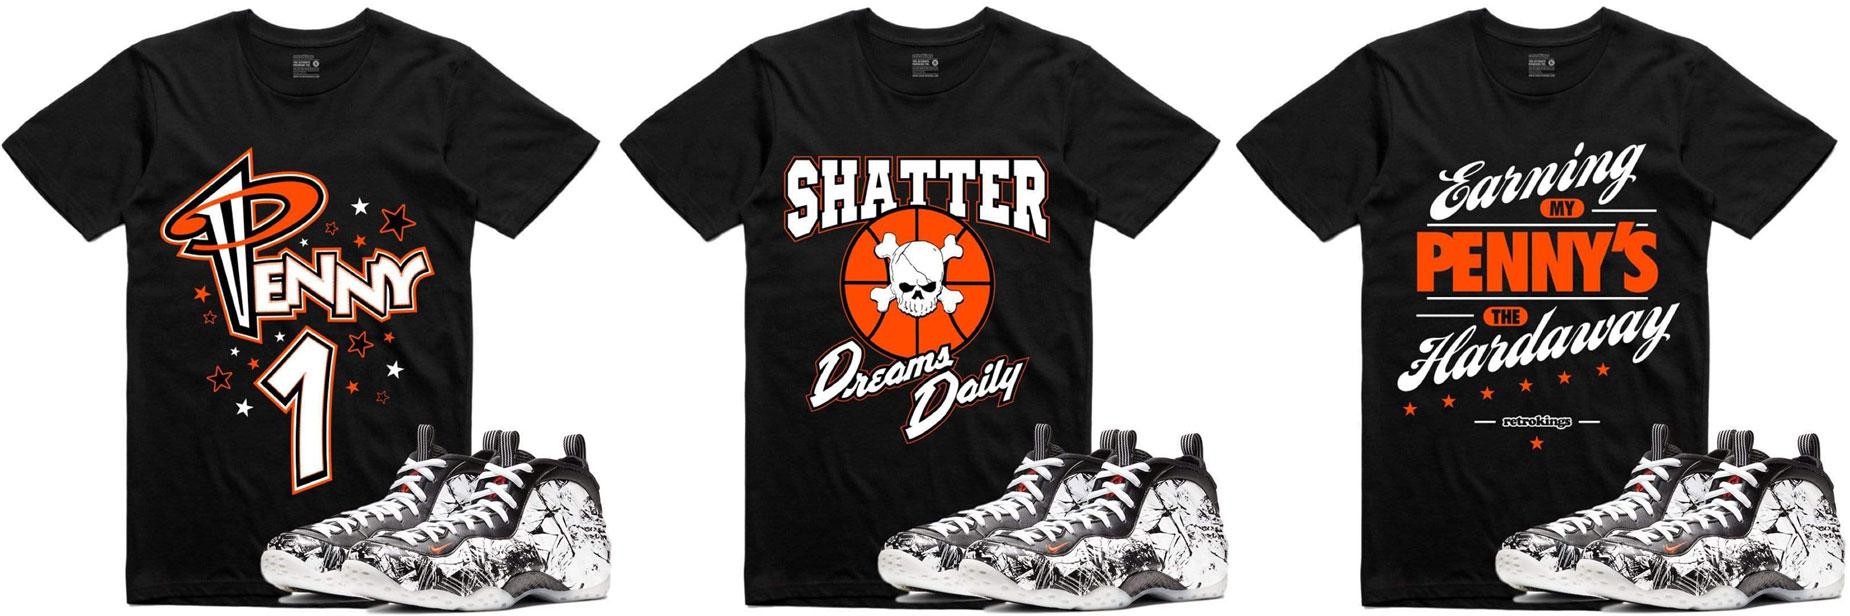 nike-foamposite-shattered-backboard-sneaker-shirts